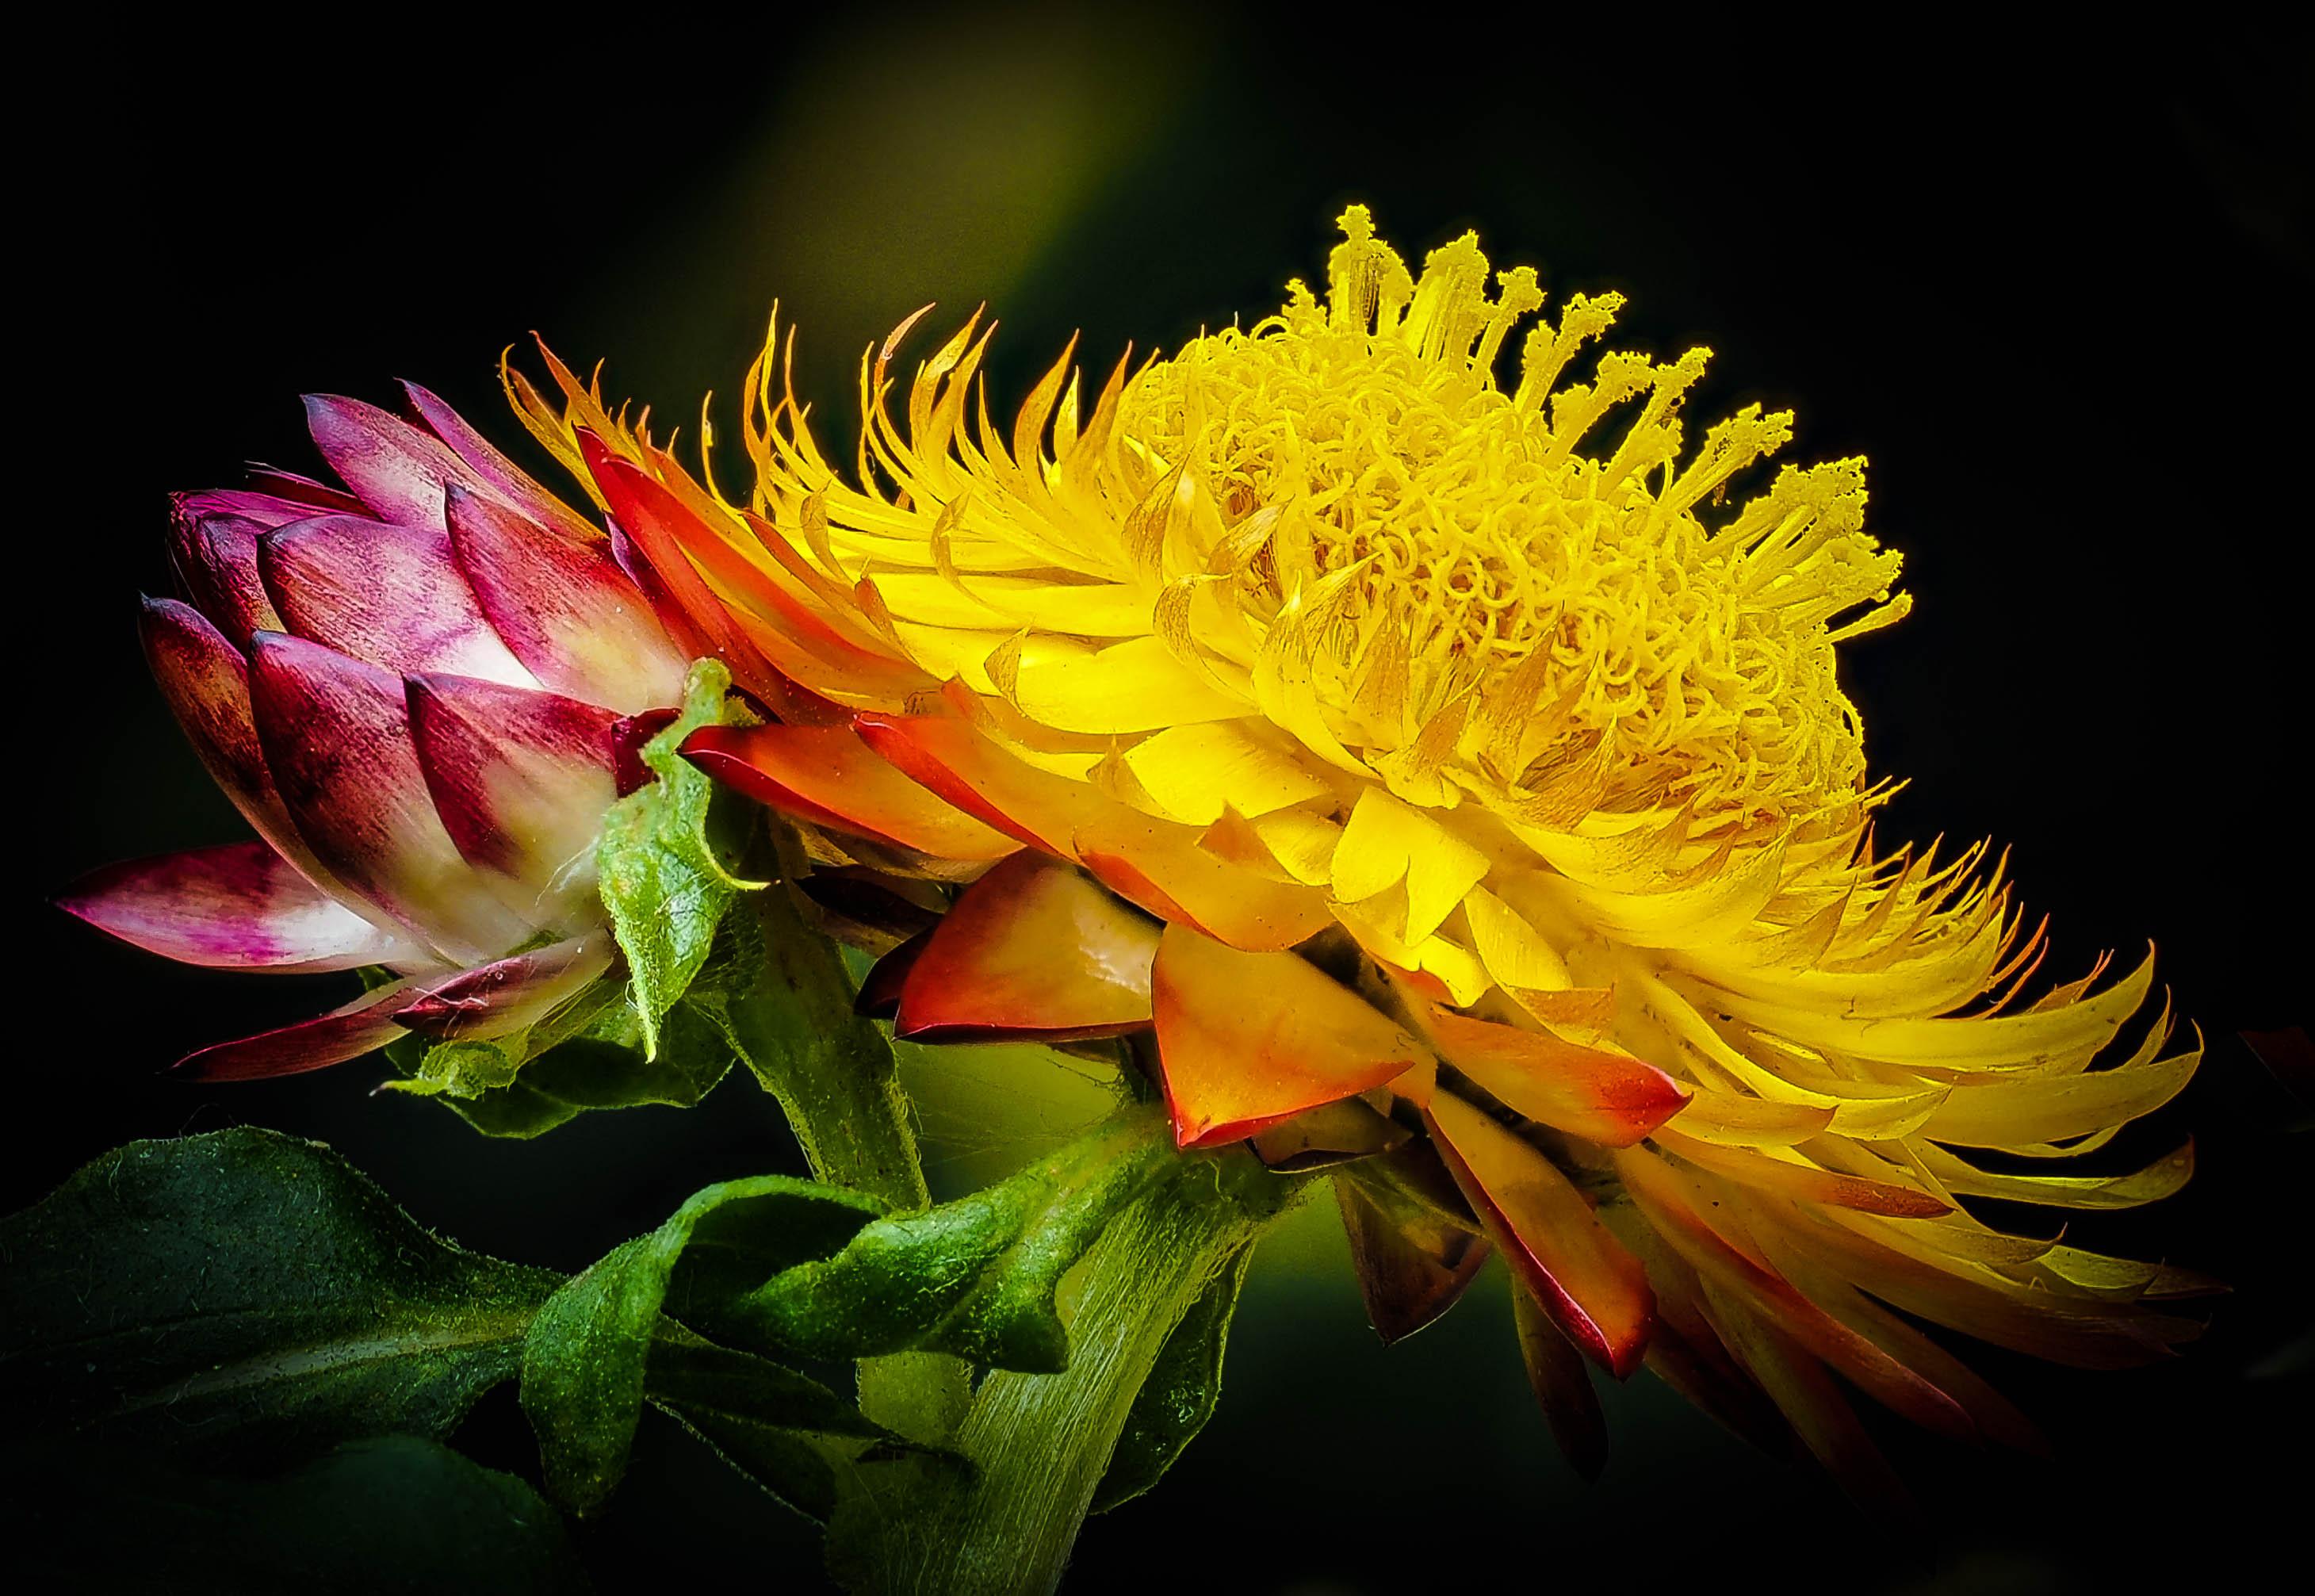 Ảnh hoa cúc bất tử màu vàng nở đẹp